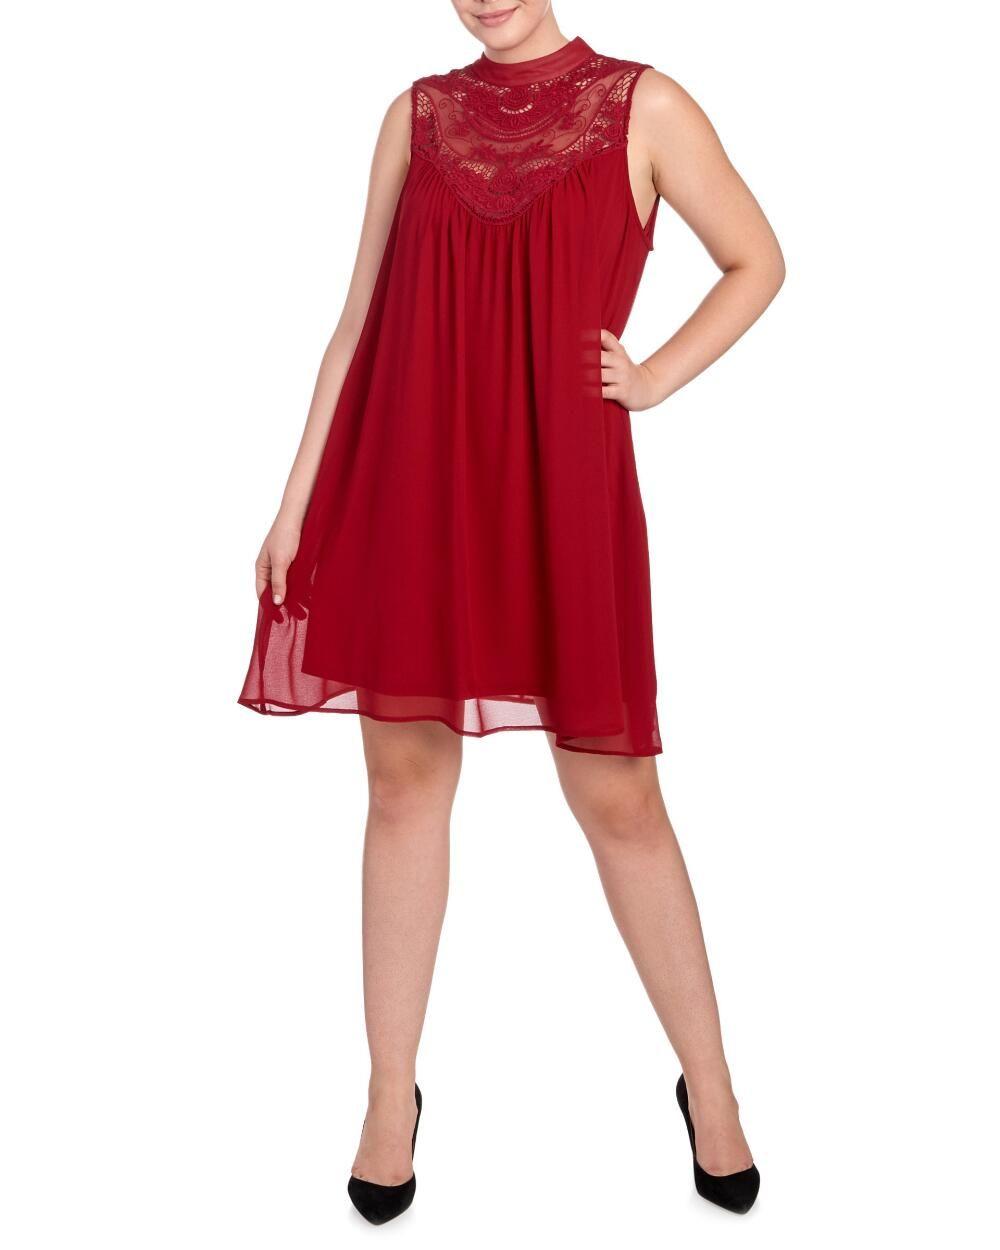 07568d80c5ea Women's Plus Size Crochet Embroidered Shift Dress-Dresses-Plus Size-Women | Stein  Mart